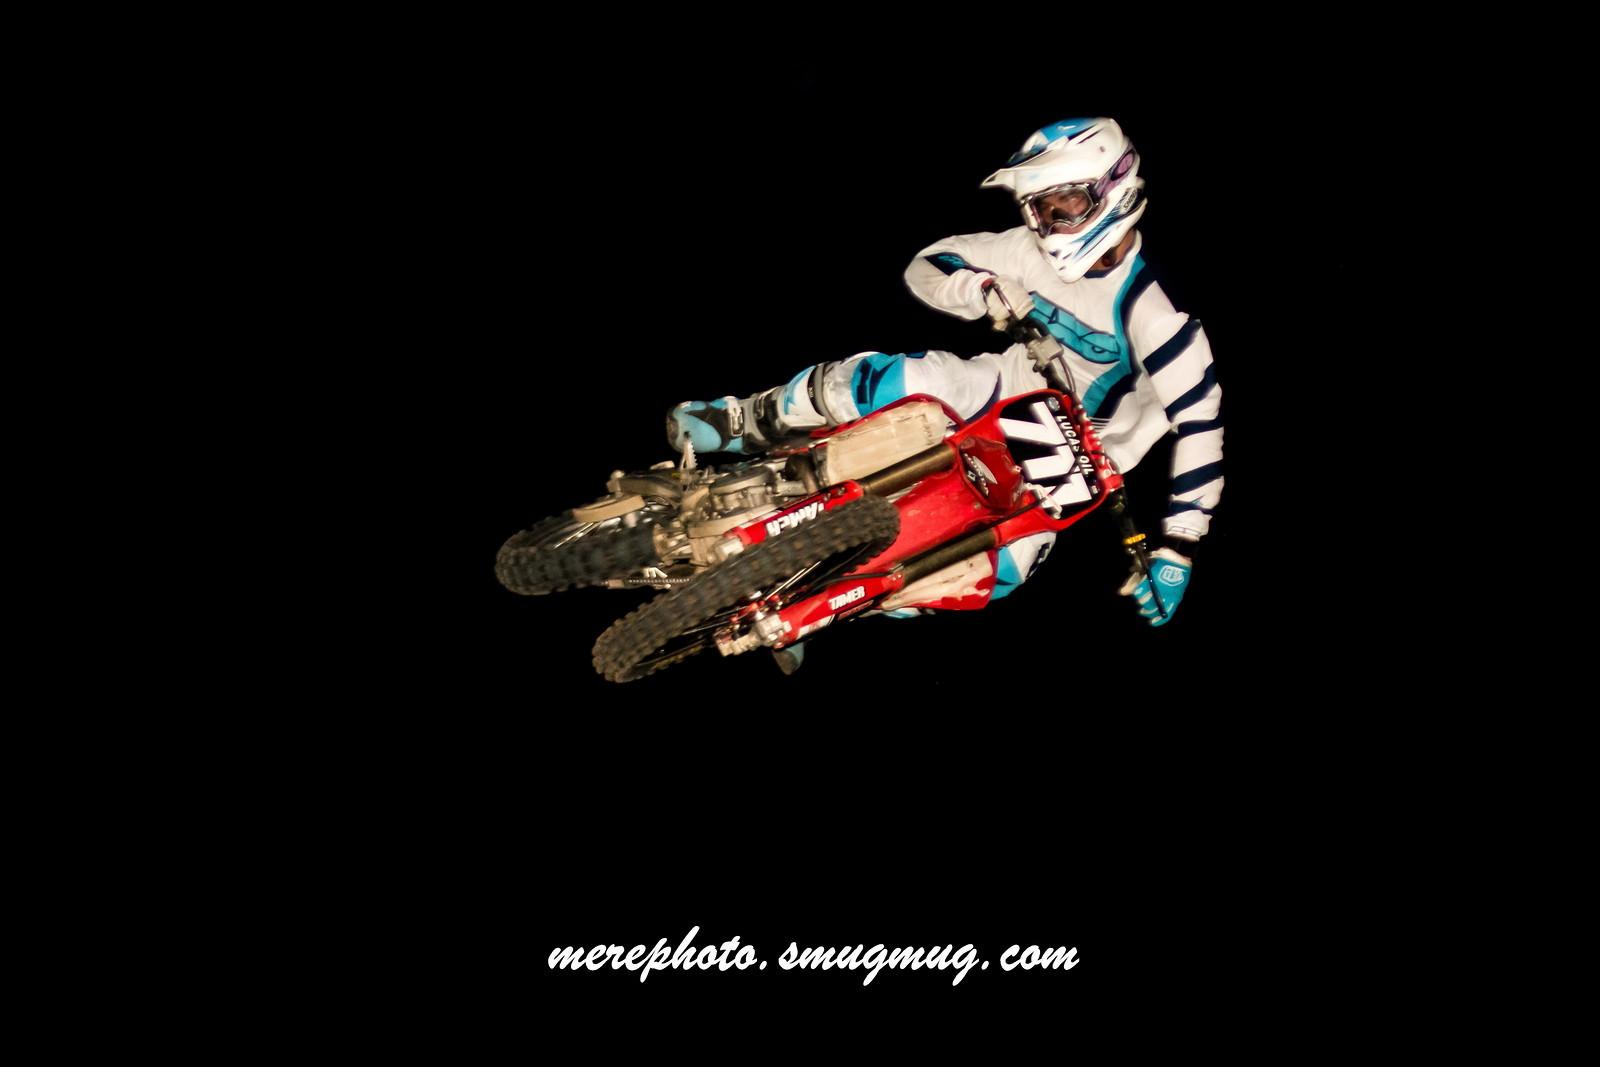 Westfair - mharmon - Motocross Pictures - Vital MX